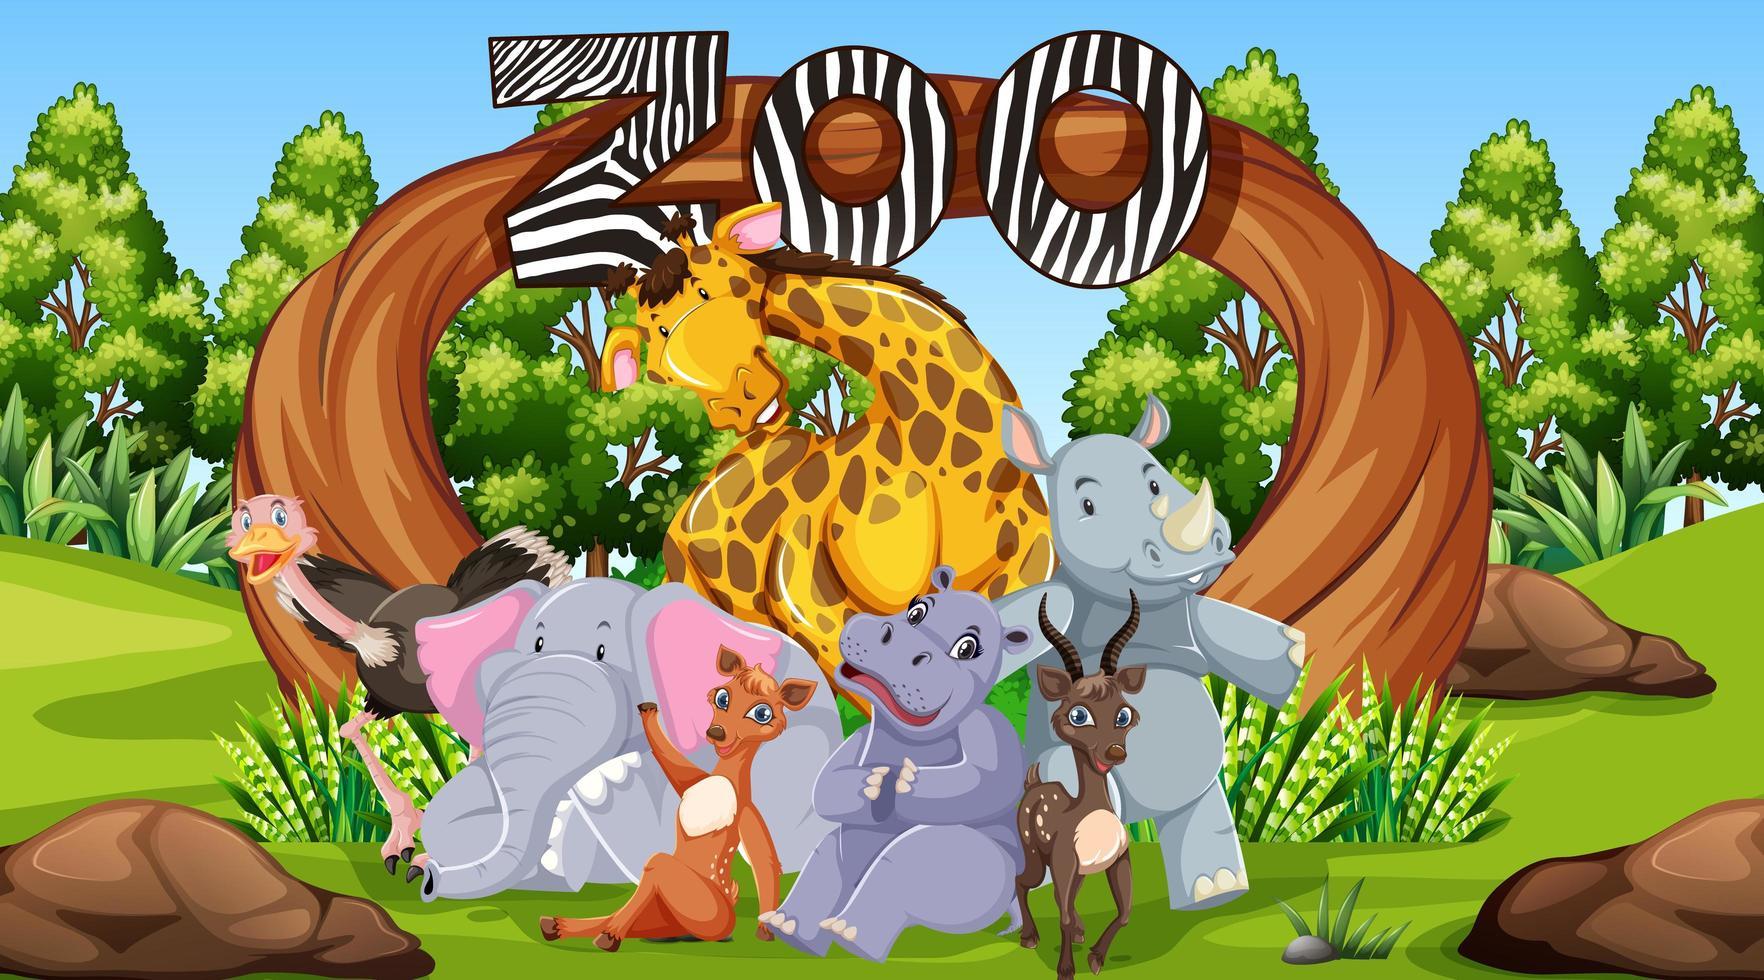 animali dello zoo nella natura selvaggia vettore